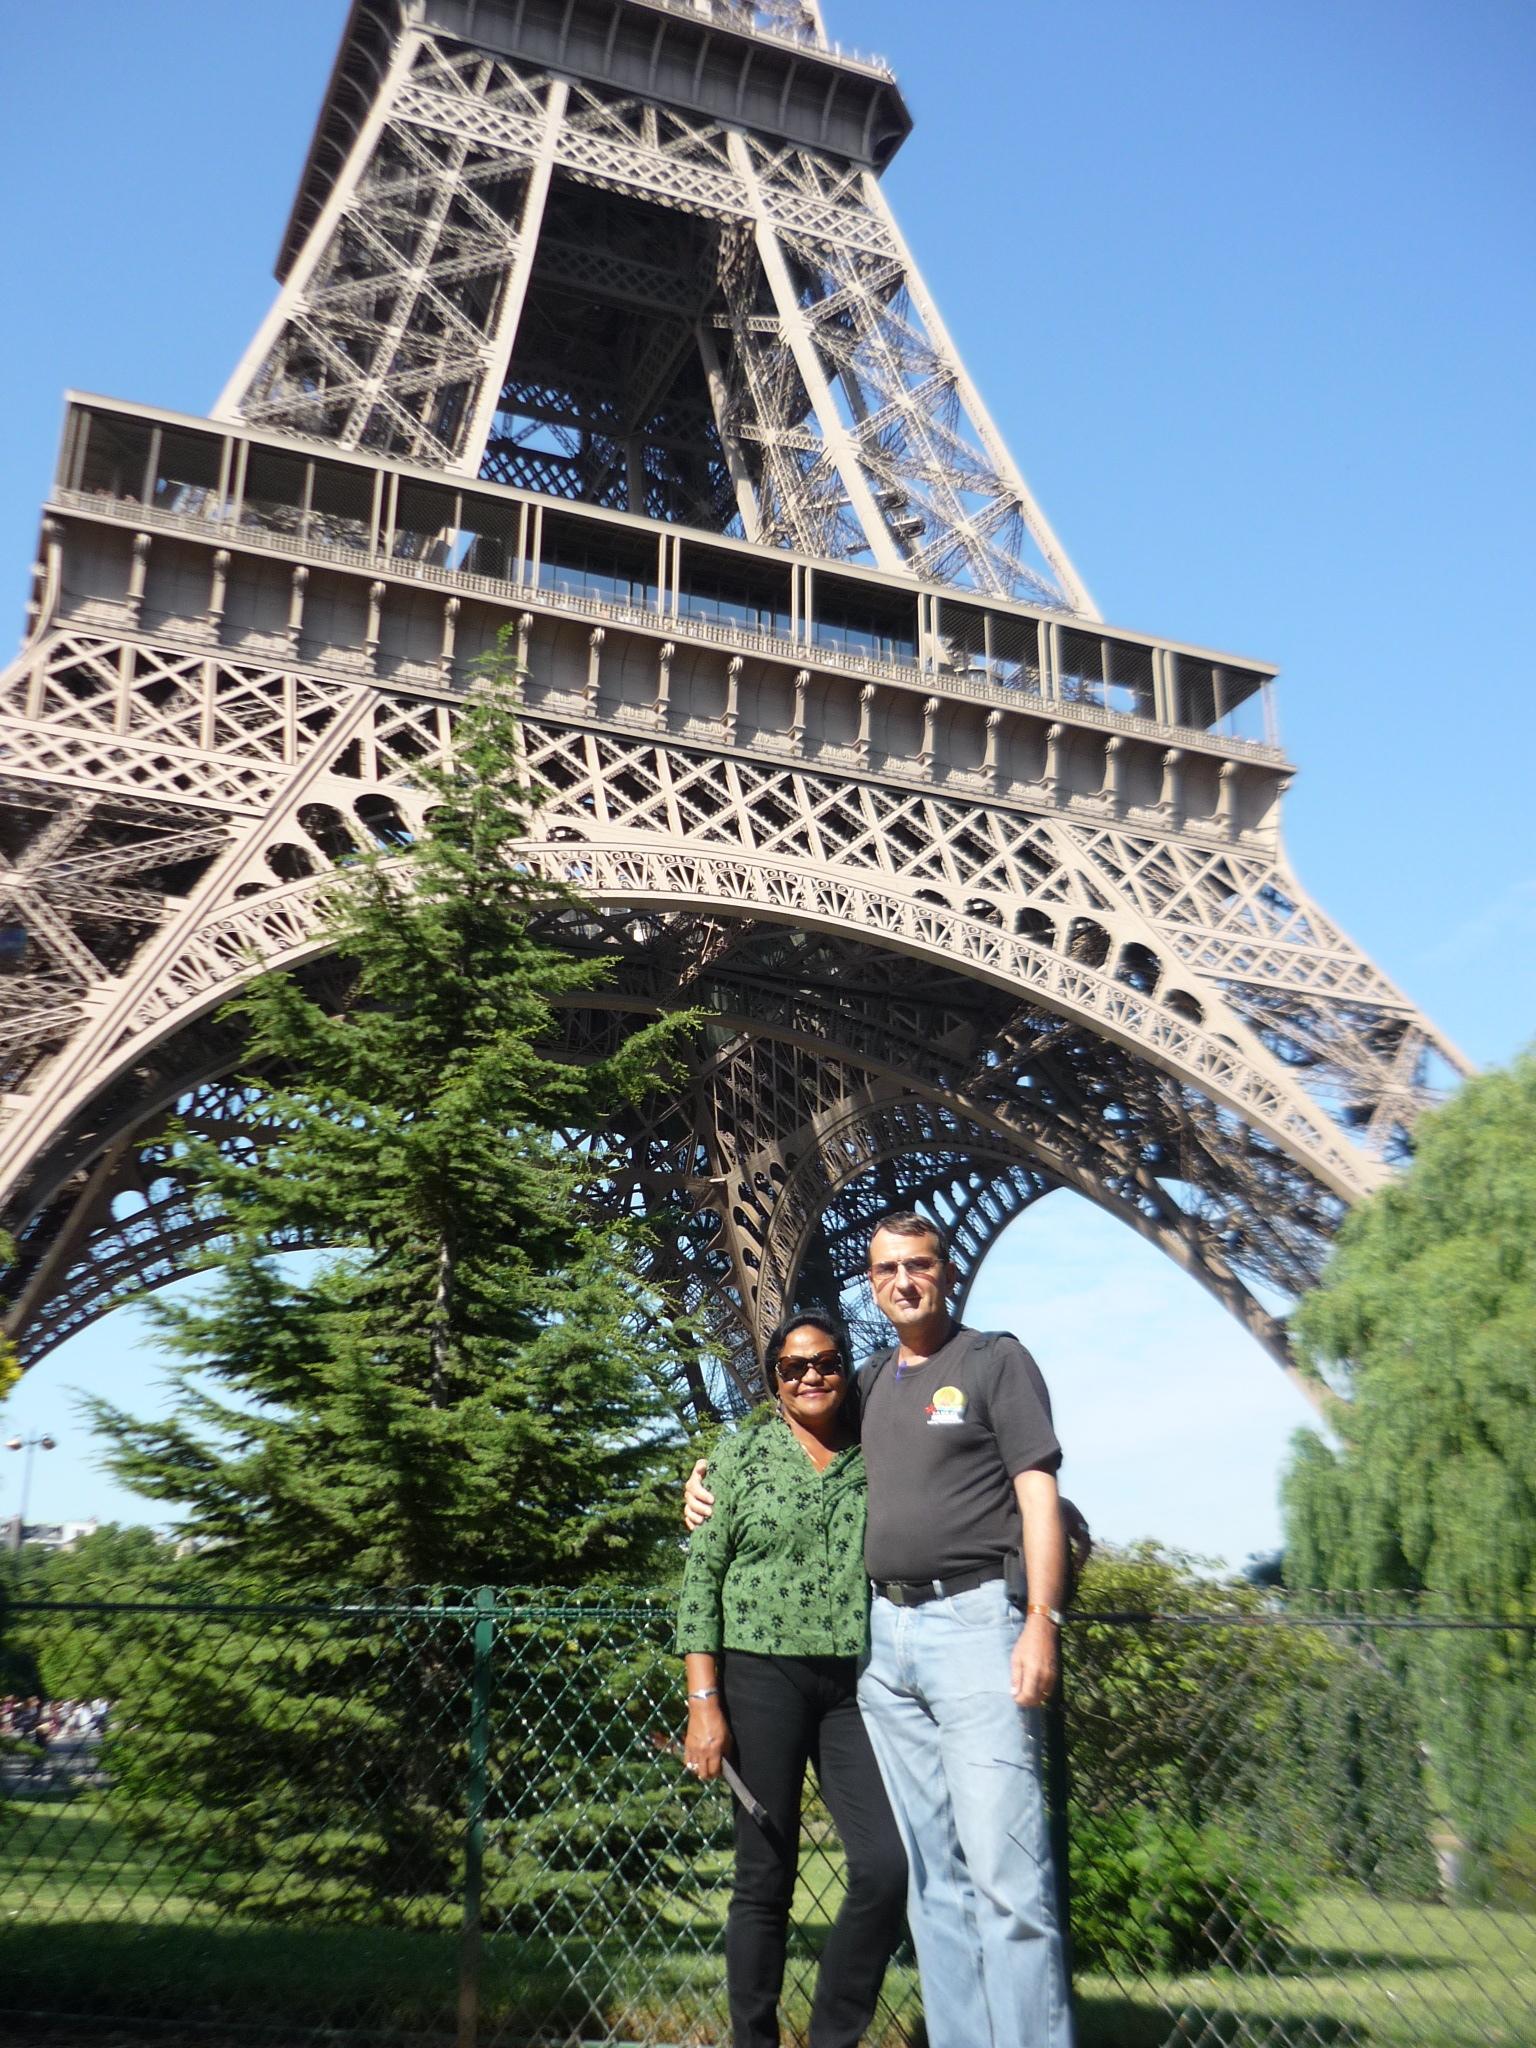 - Paris, France